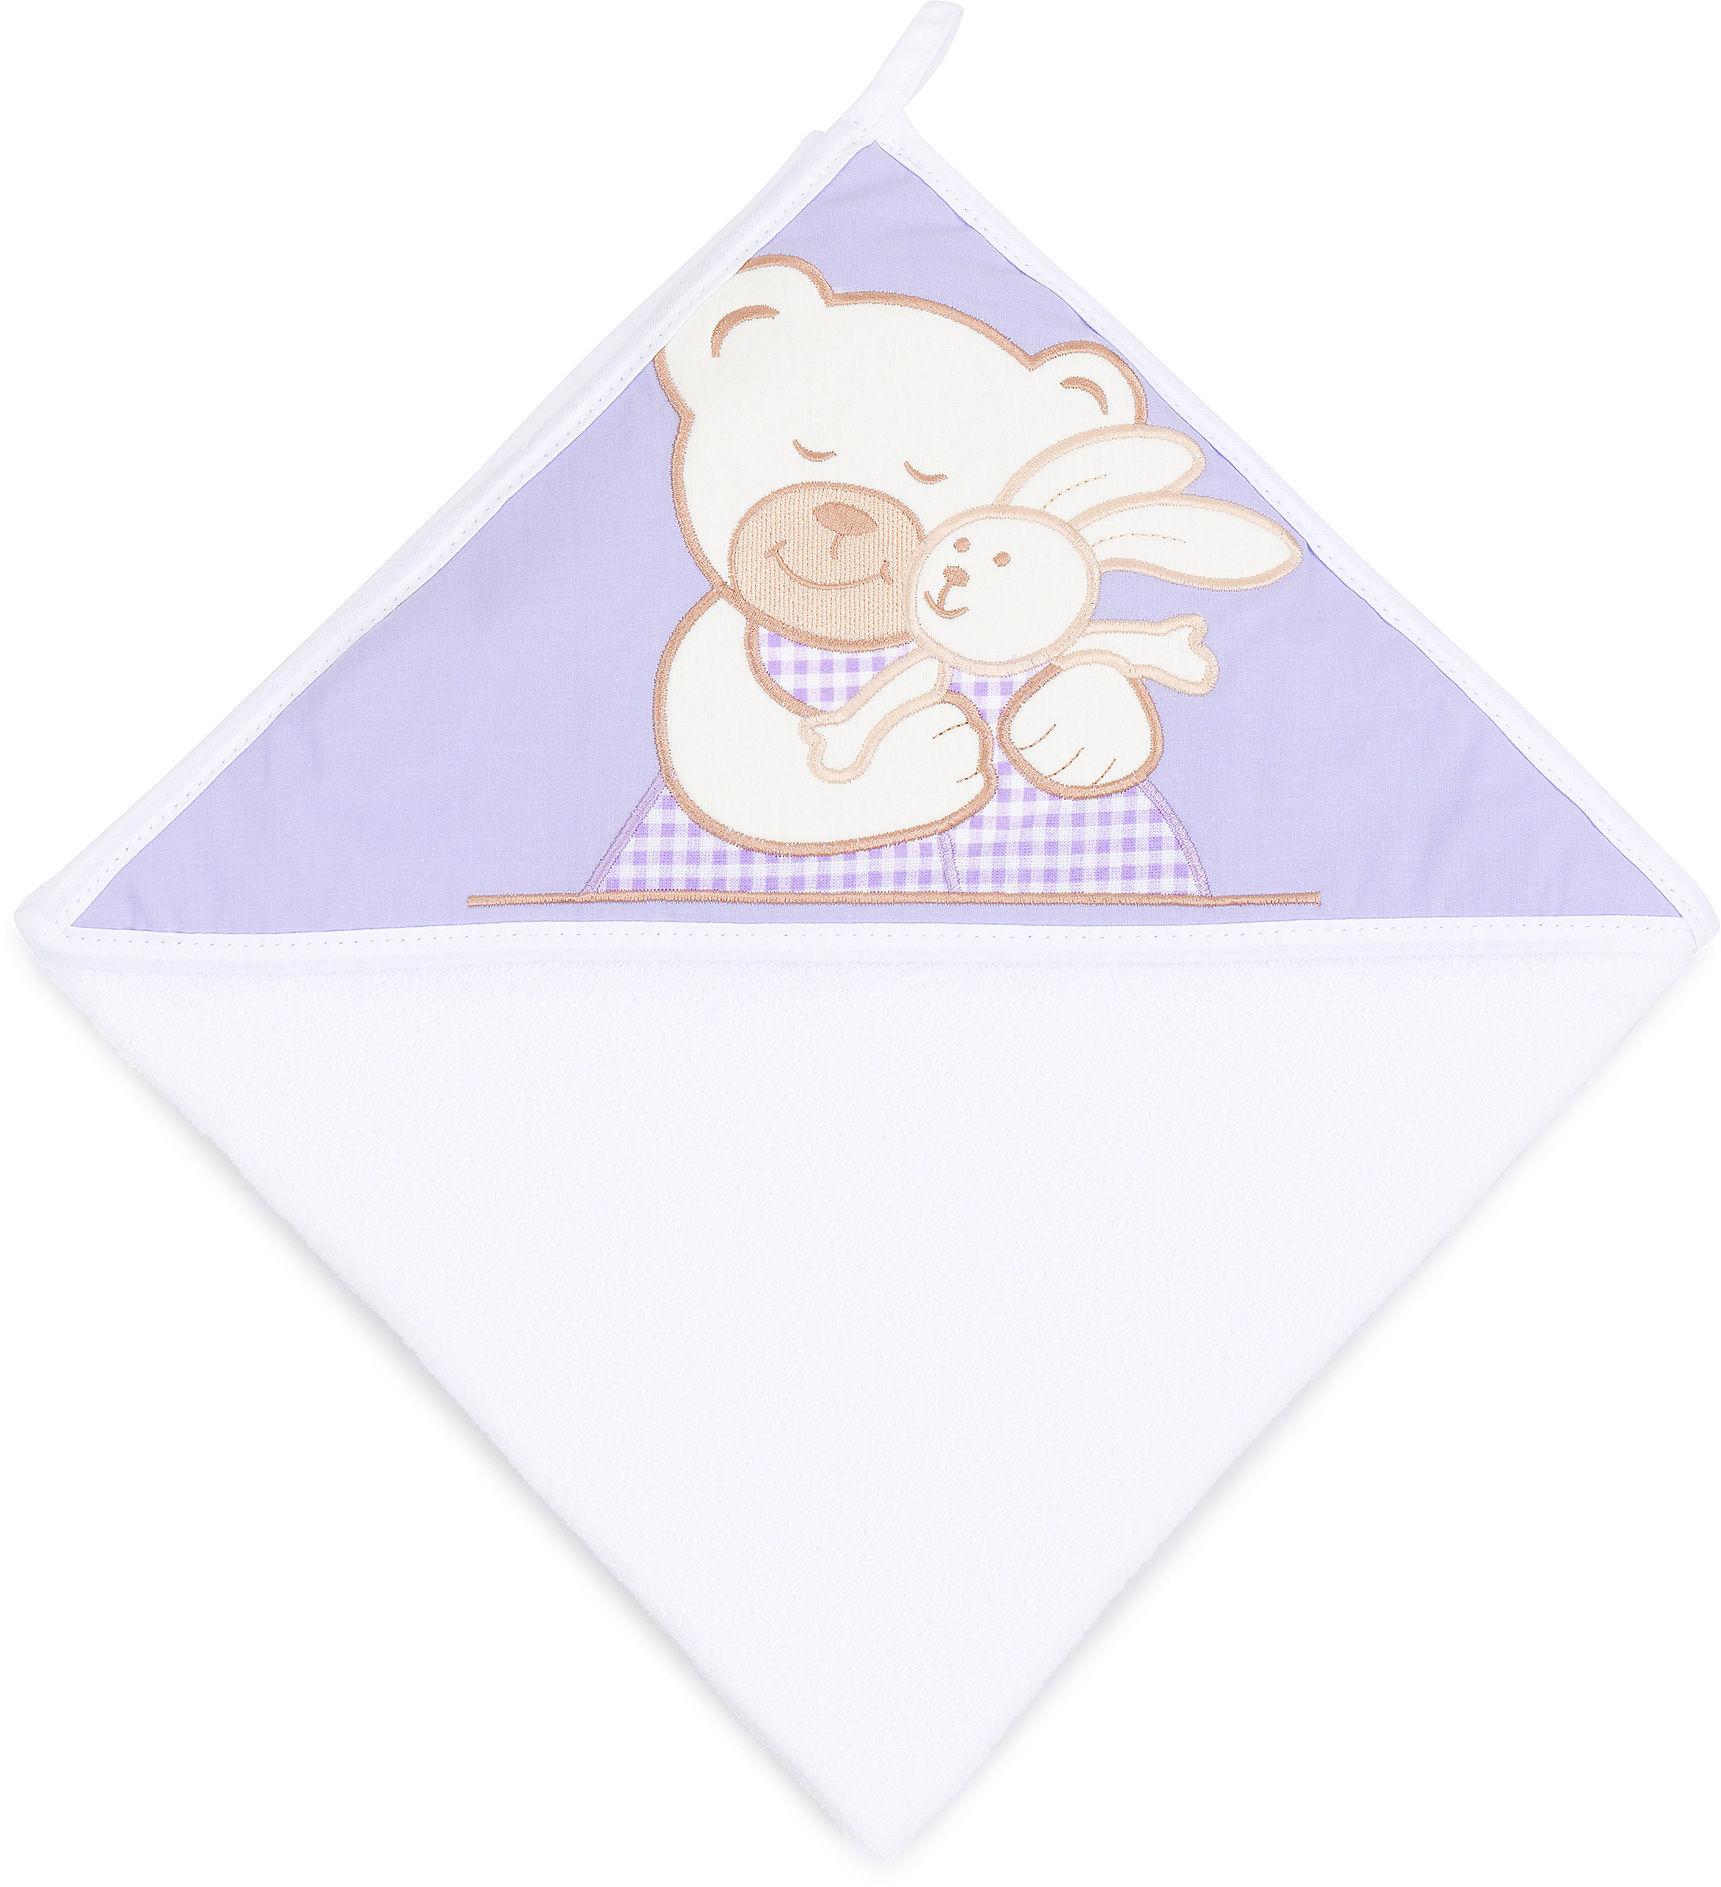 MAMO-TATO Okrycie Kąpielowe z haftem Tulisie lawendowe / biały